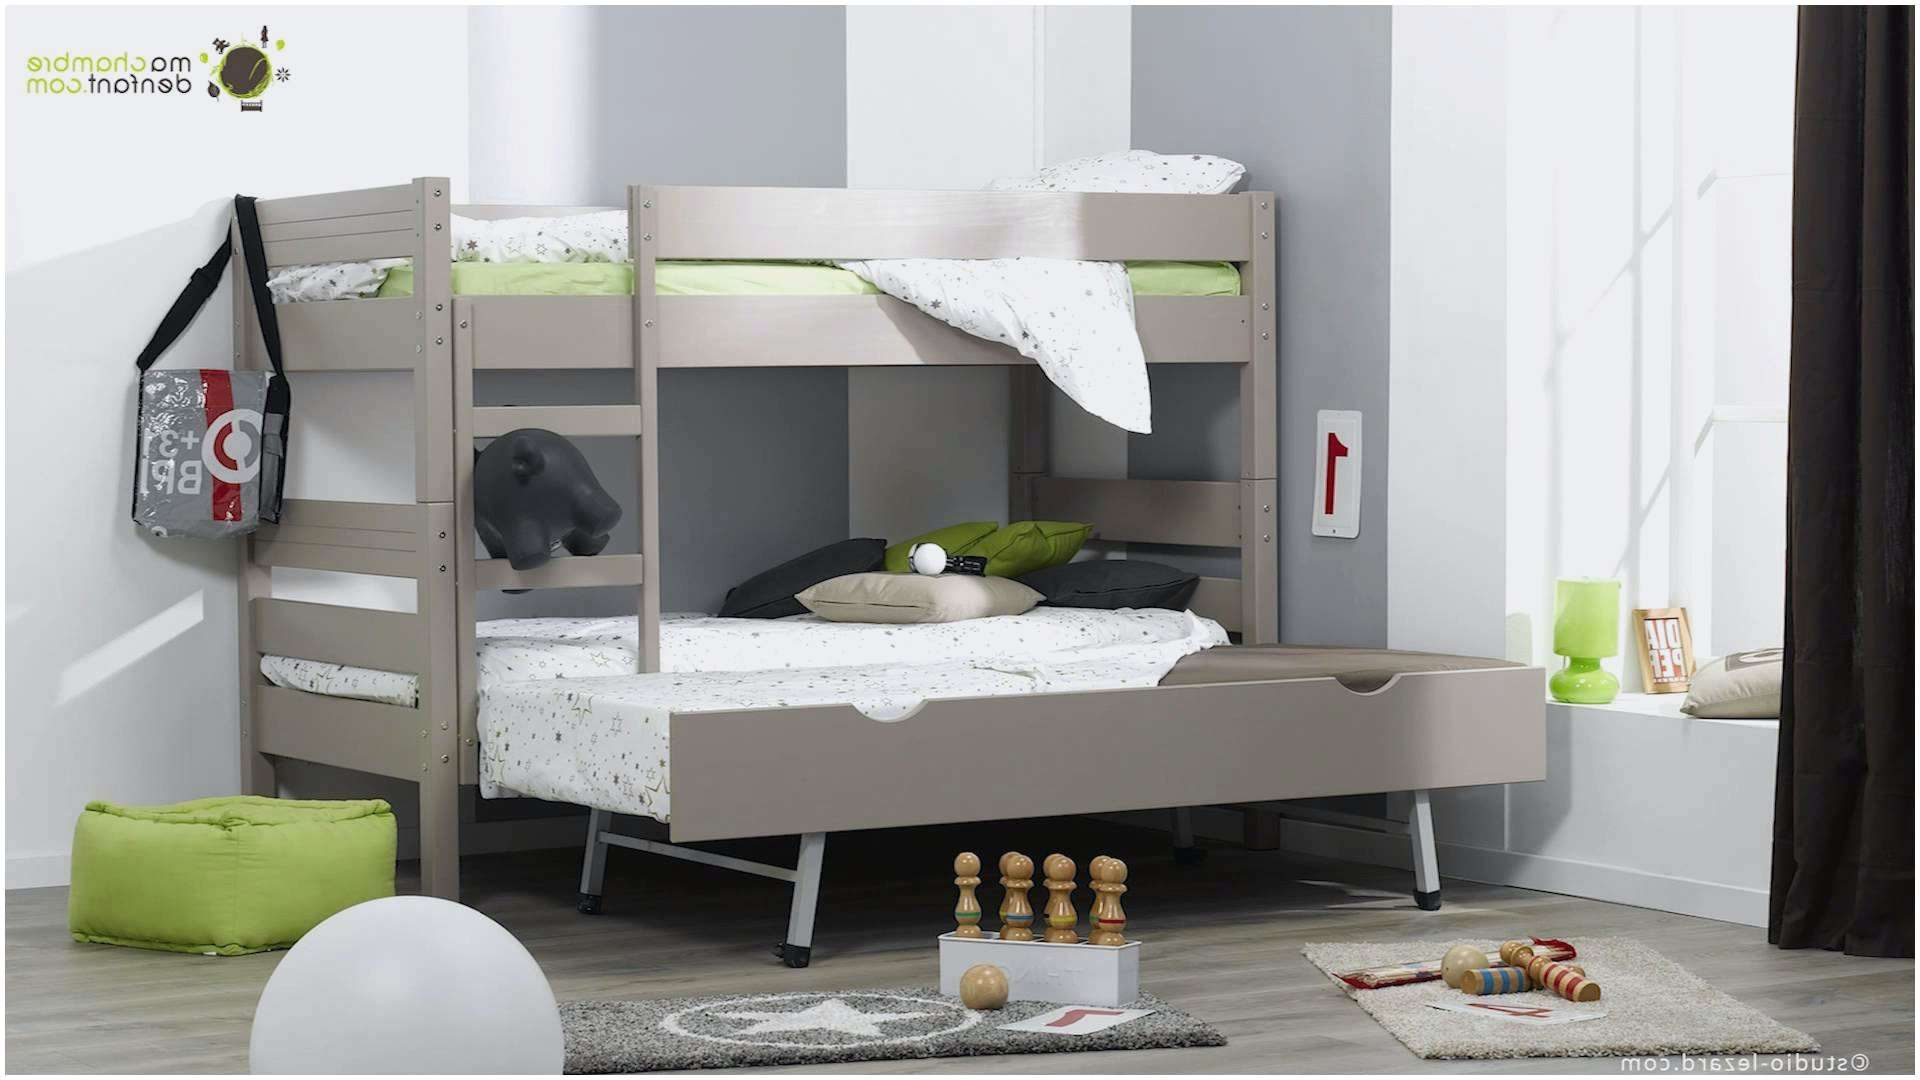 Lit Superposé Ikea 3 Places Impressionnant Unique 18 Best Maison Detente Pinterest Pour Alternative